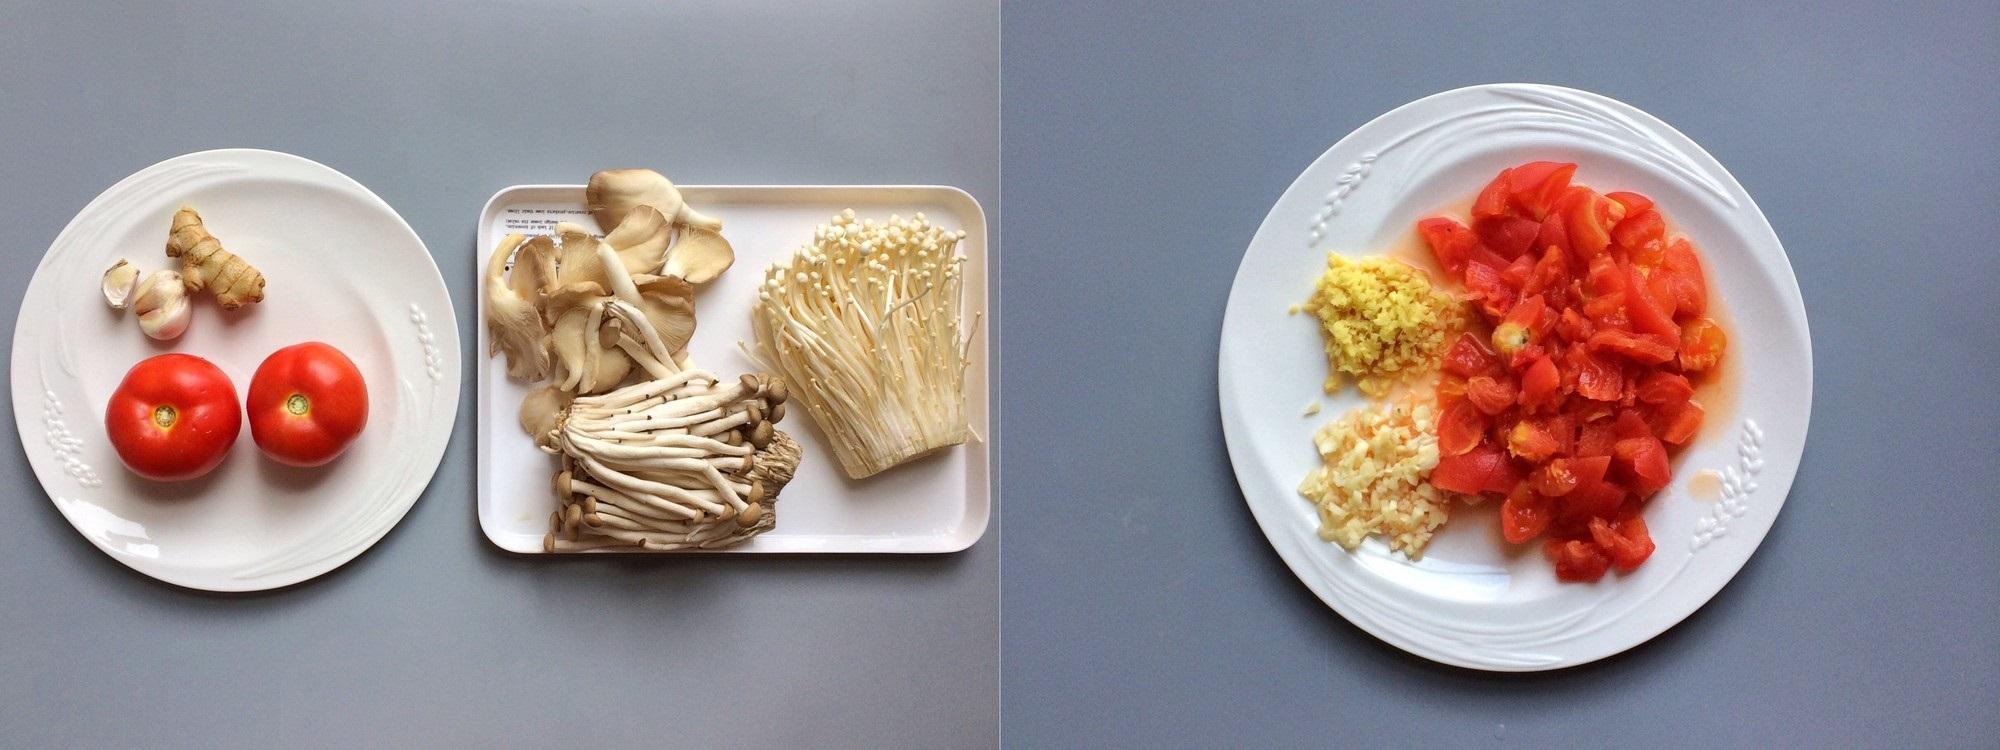 Thực đơn cơm tối ngon miệng dễ làm chỉ mất khoảng 20 phút chế biến - Ảnh 6